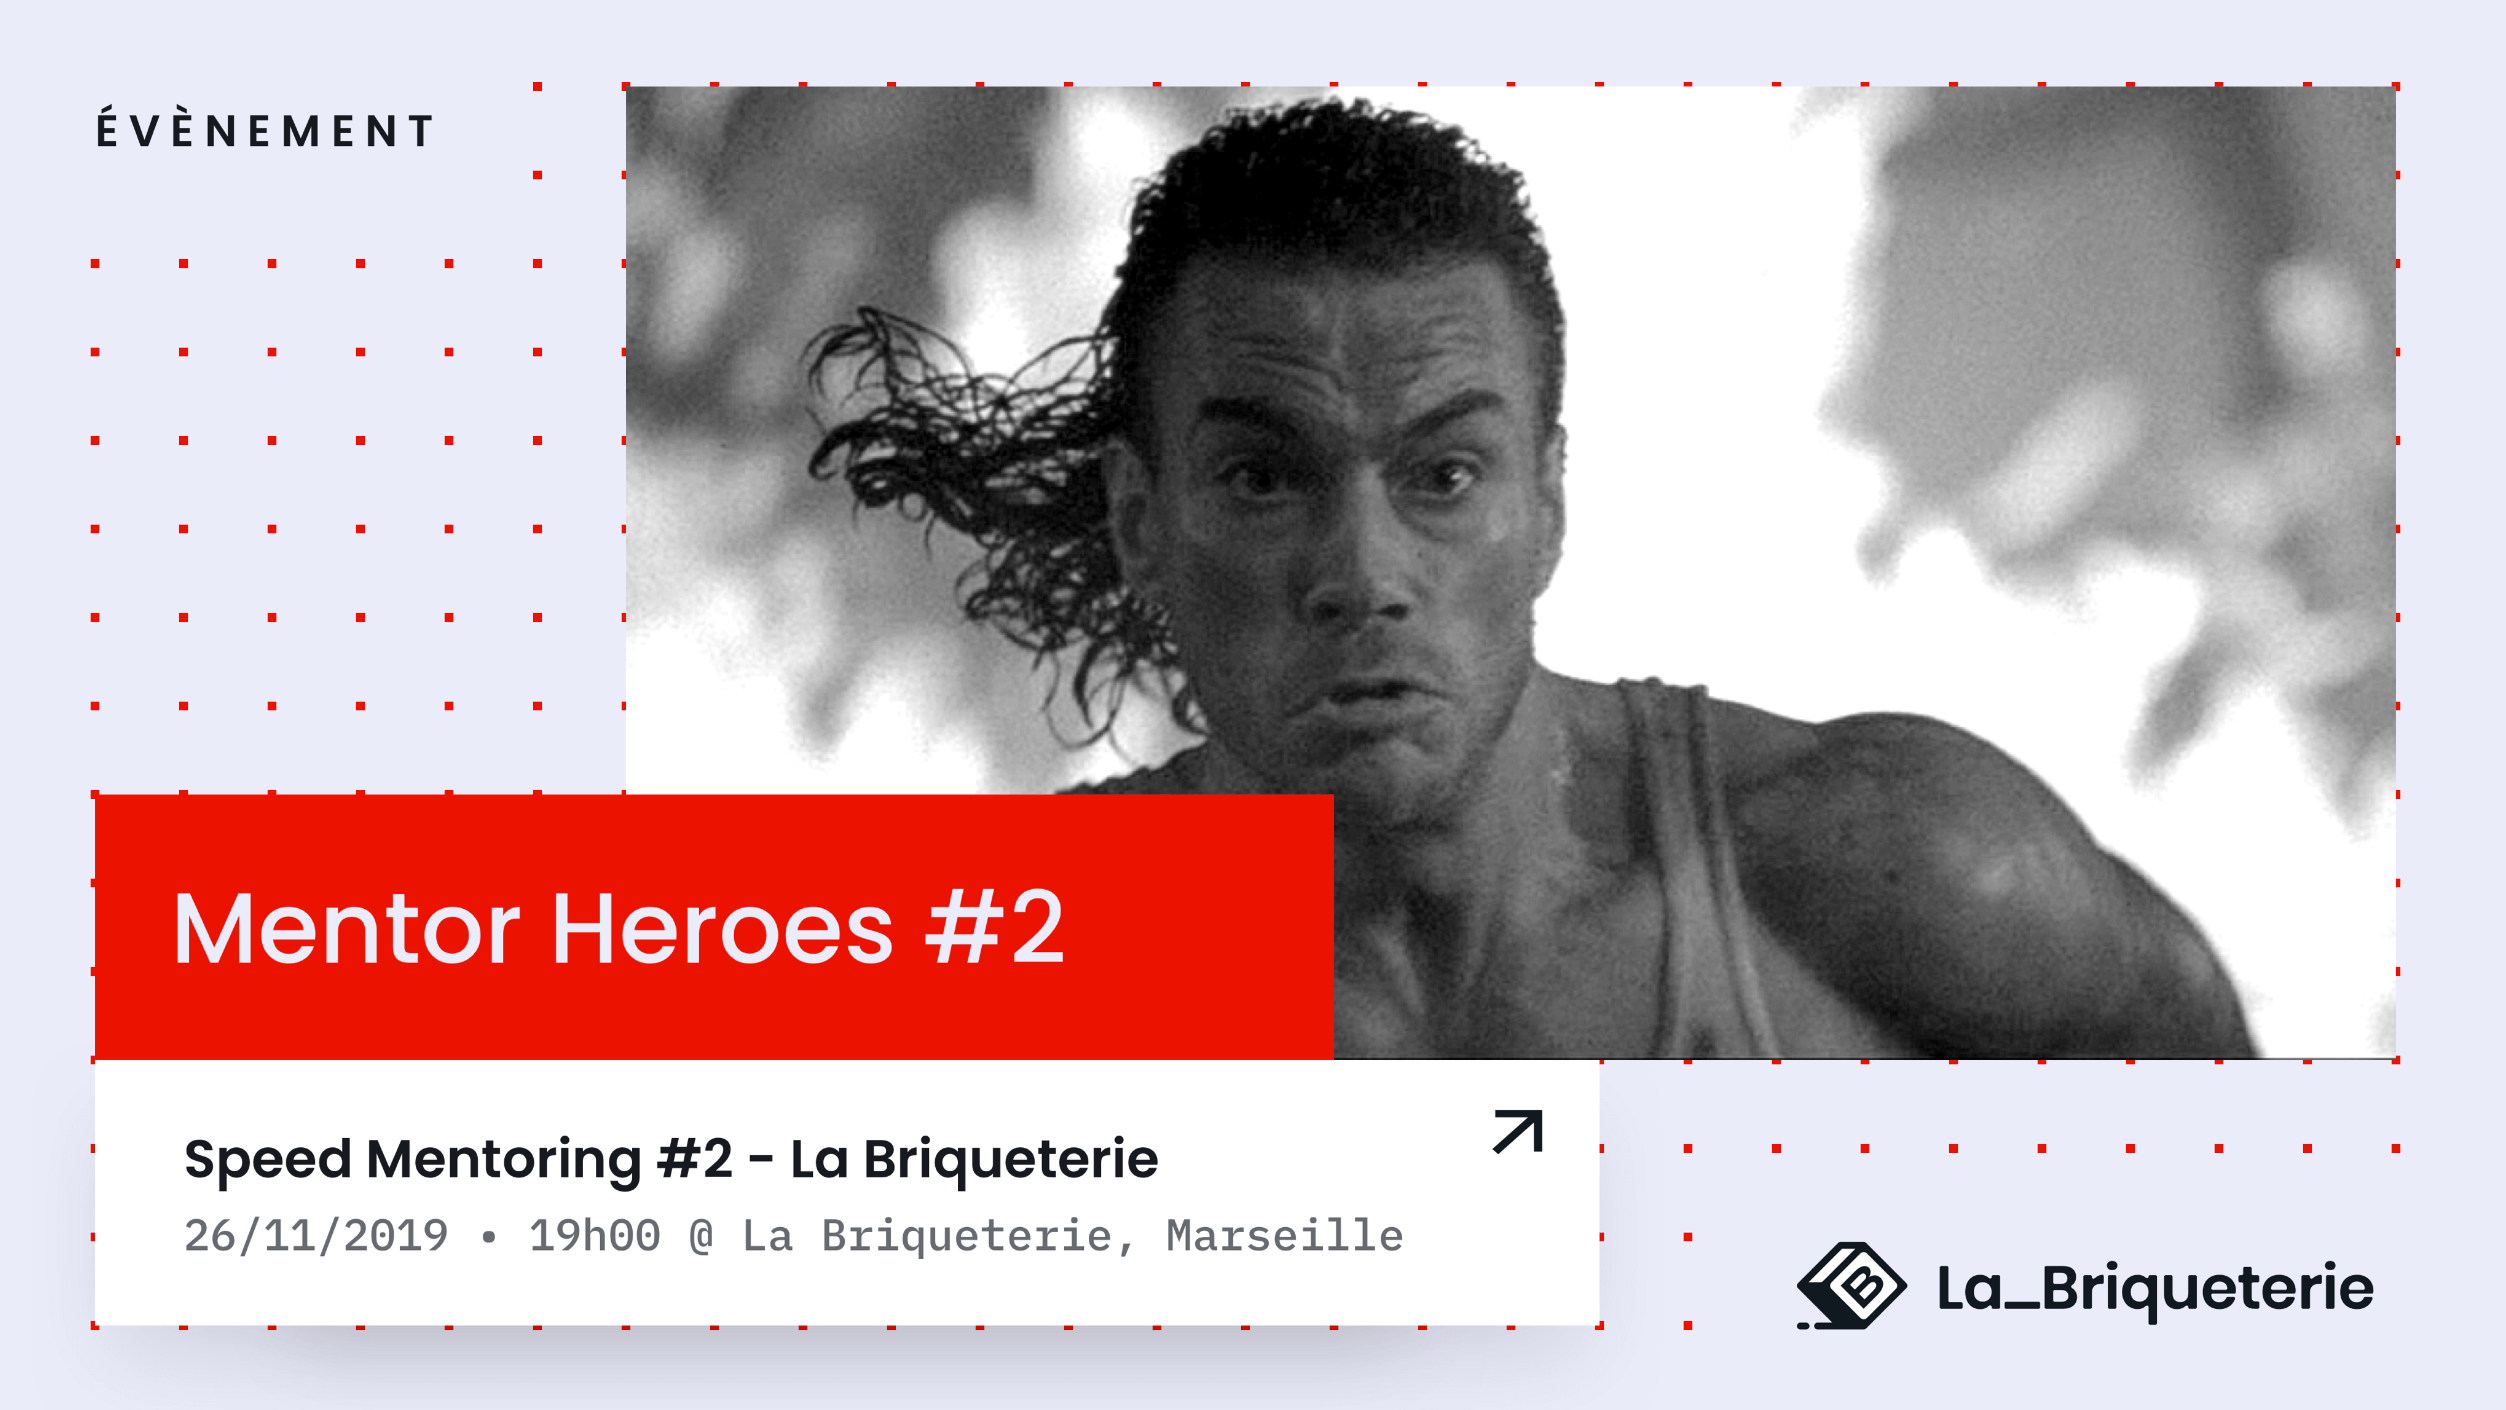 Evenement Mentor Heroes de speed mentoring de La Briqueterie